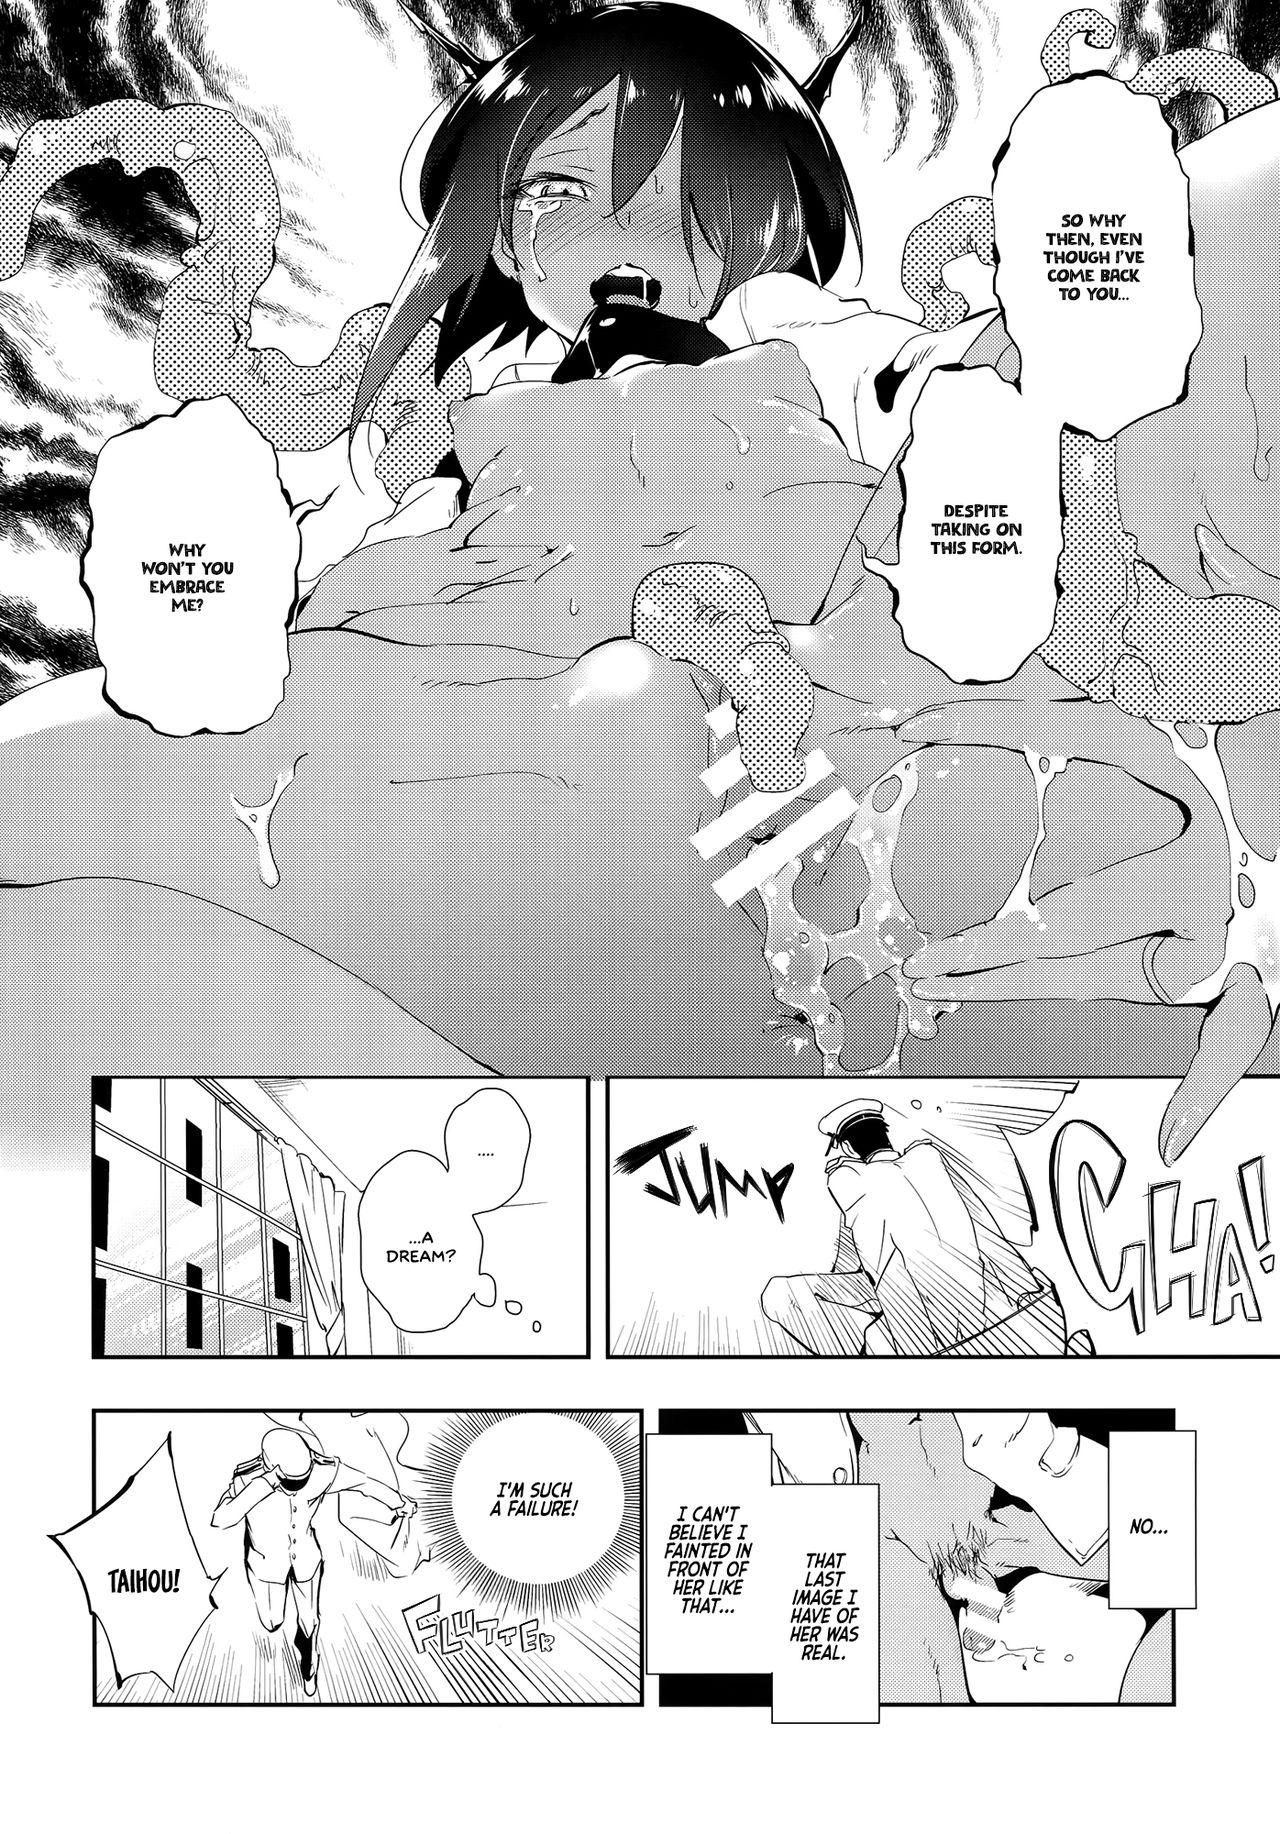 Hanayome wa Shinkai Taihou-chan 4